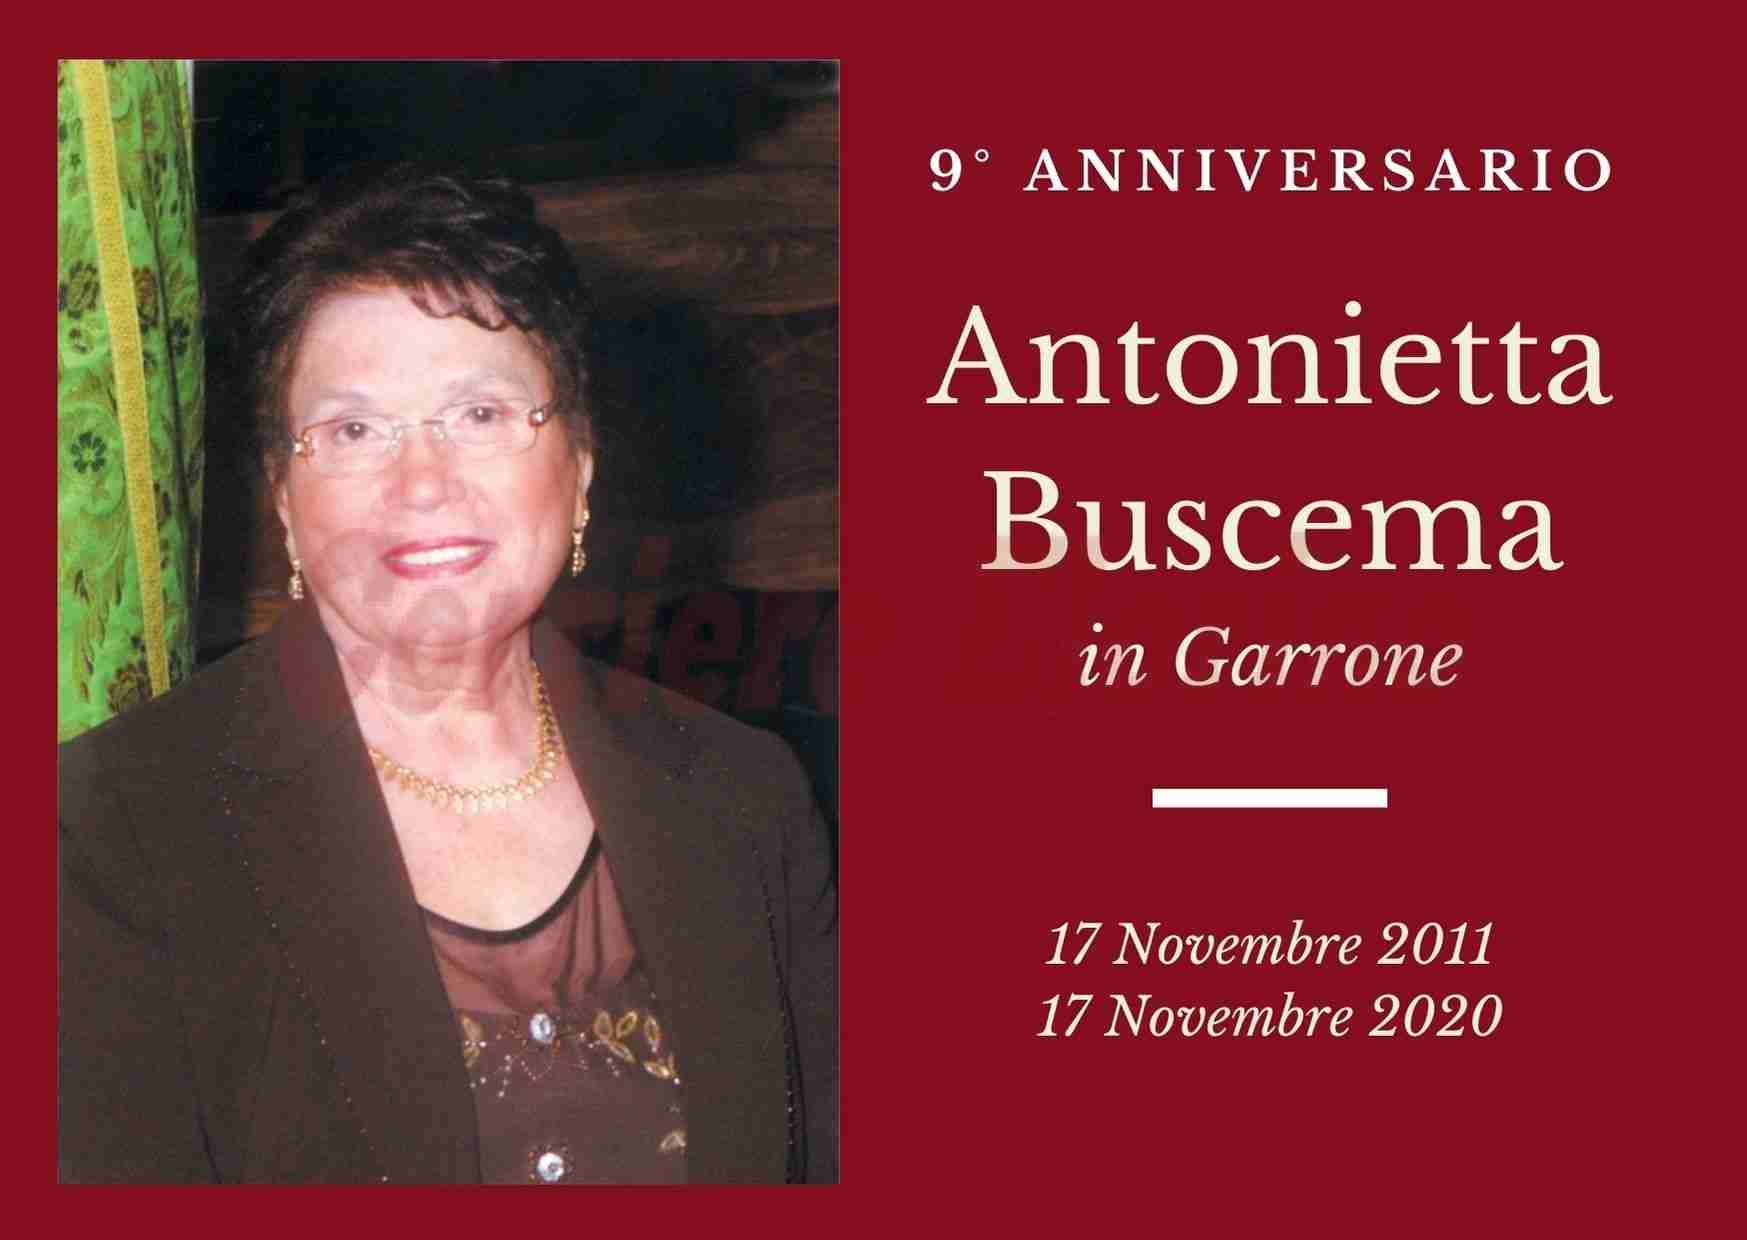 Necrologio: ricorre oggi il 9° anniversario di Antonietta Buscema